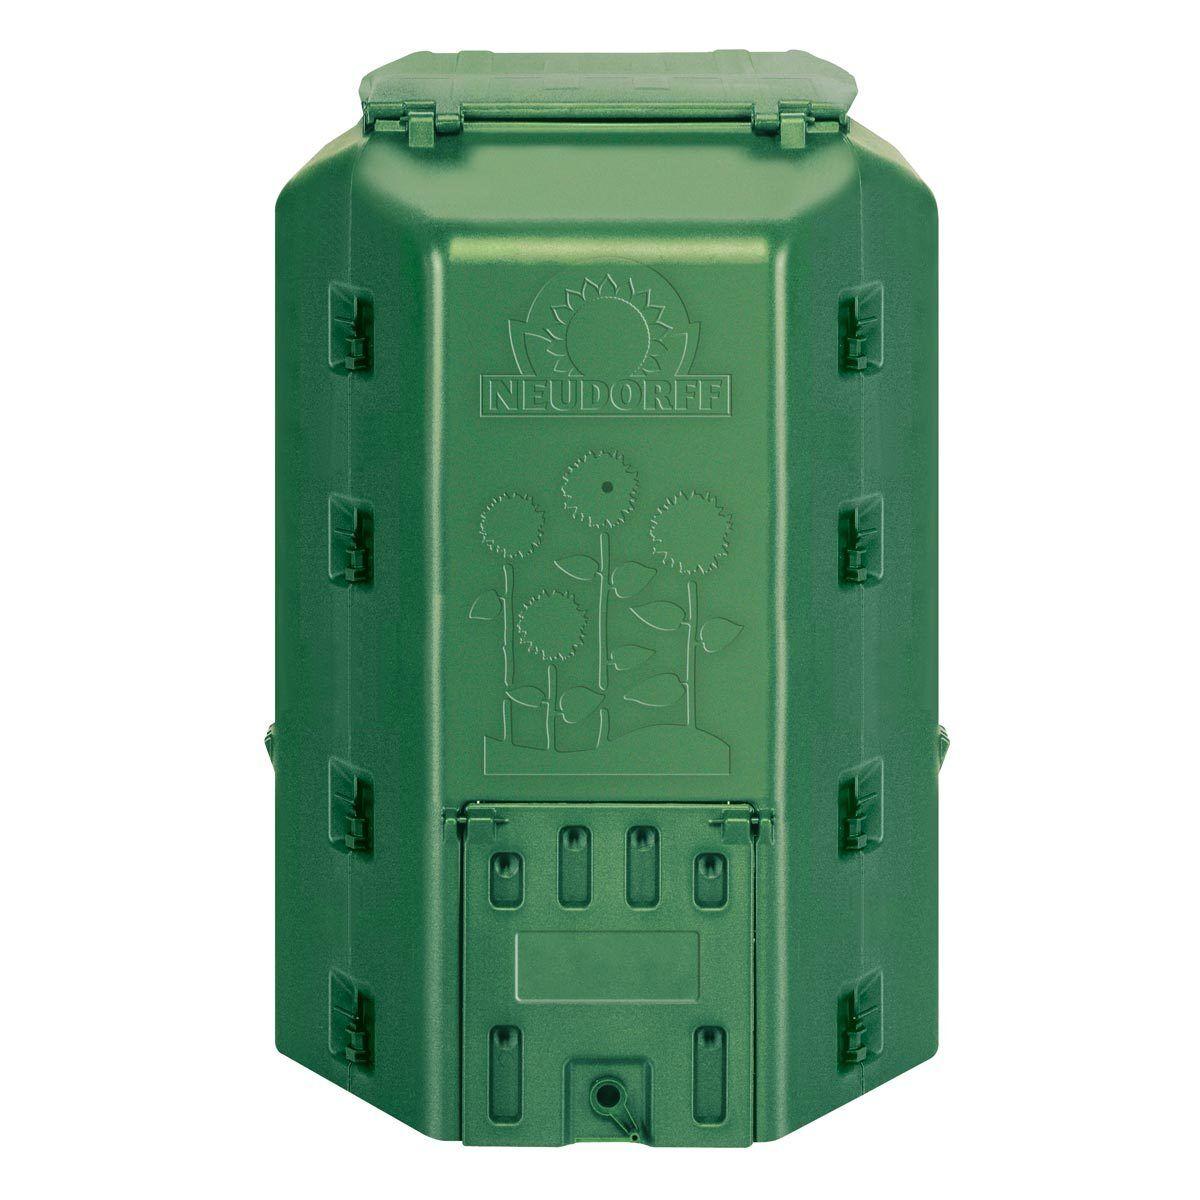 buon prezzo Neudorff Neudorff Neudorff - Compost Termico Duotherm 530 Litro - Composter Compost  risparmia fino al 70%